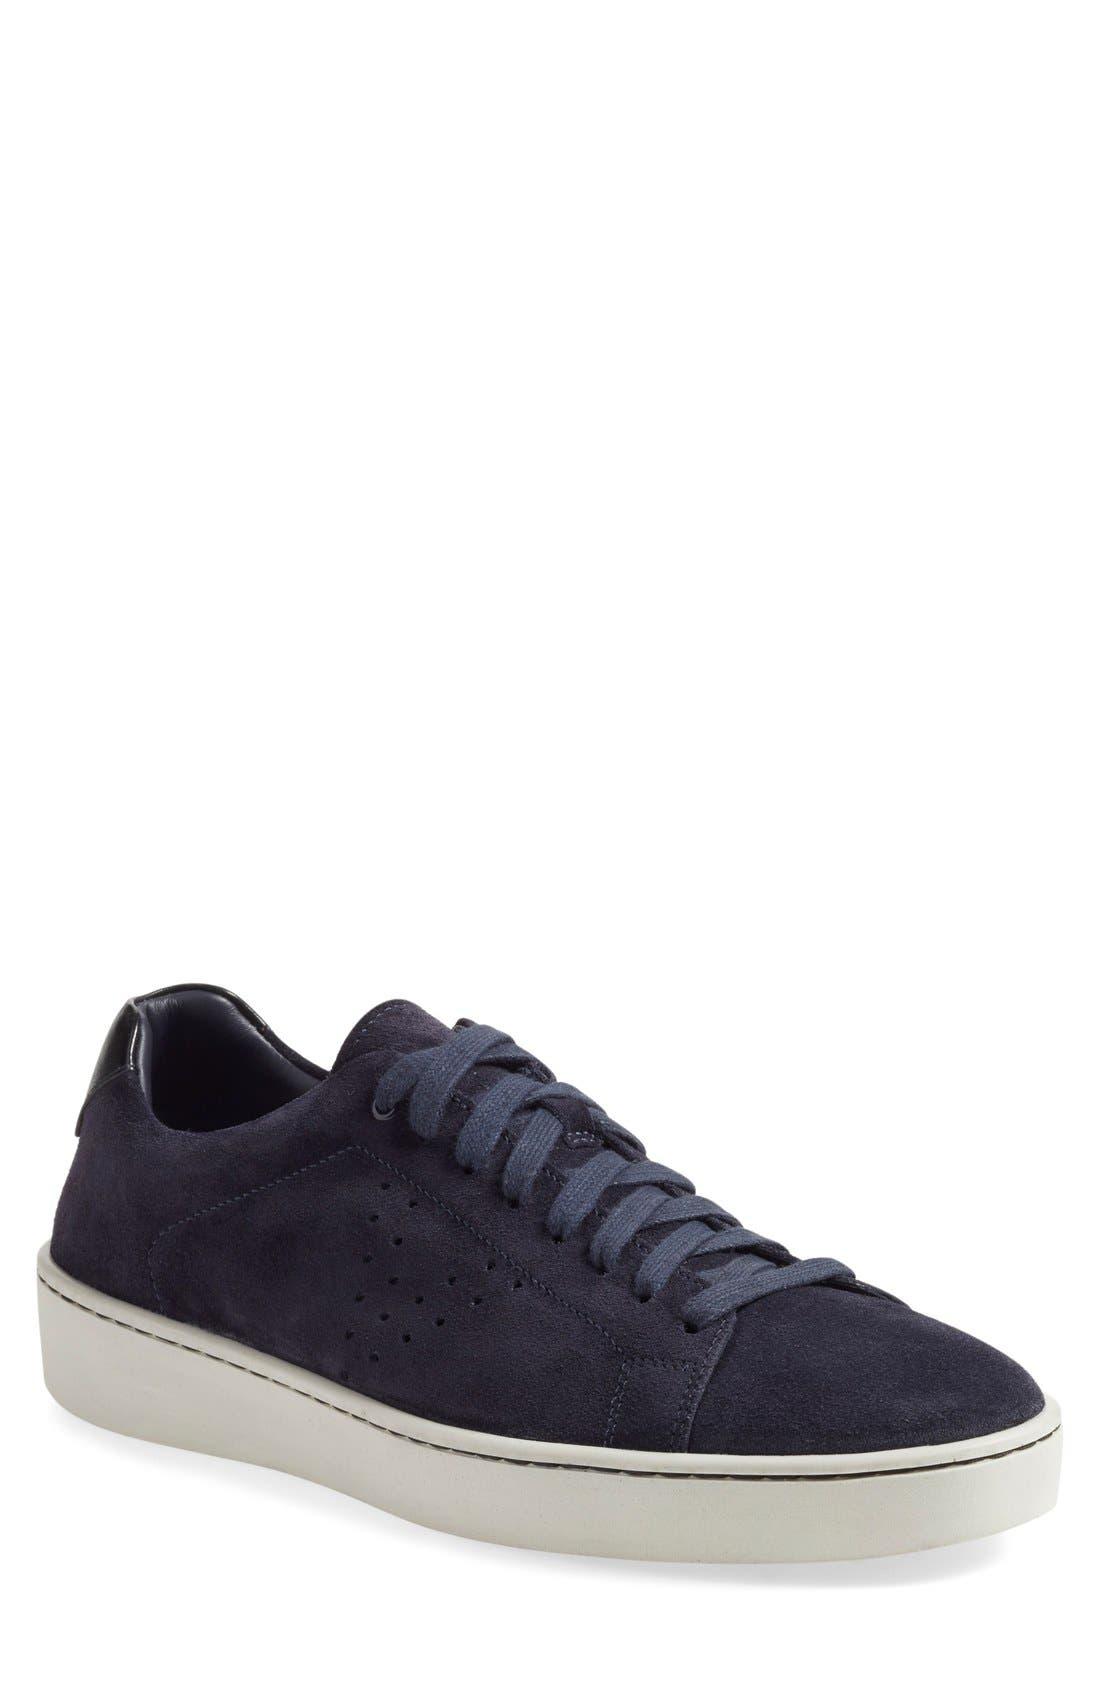 Main Image - Vince 'Simon' Perforated Sneaker (Men)